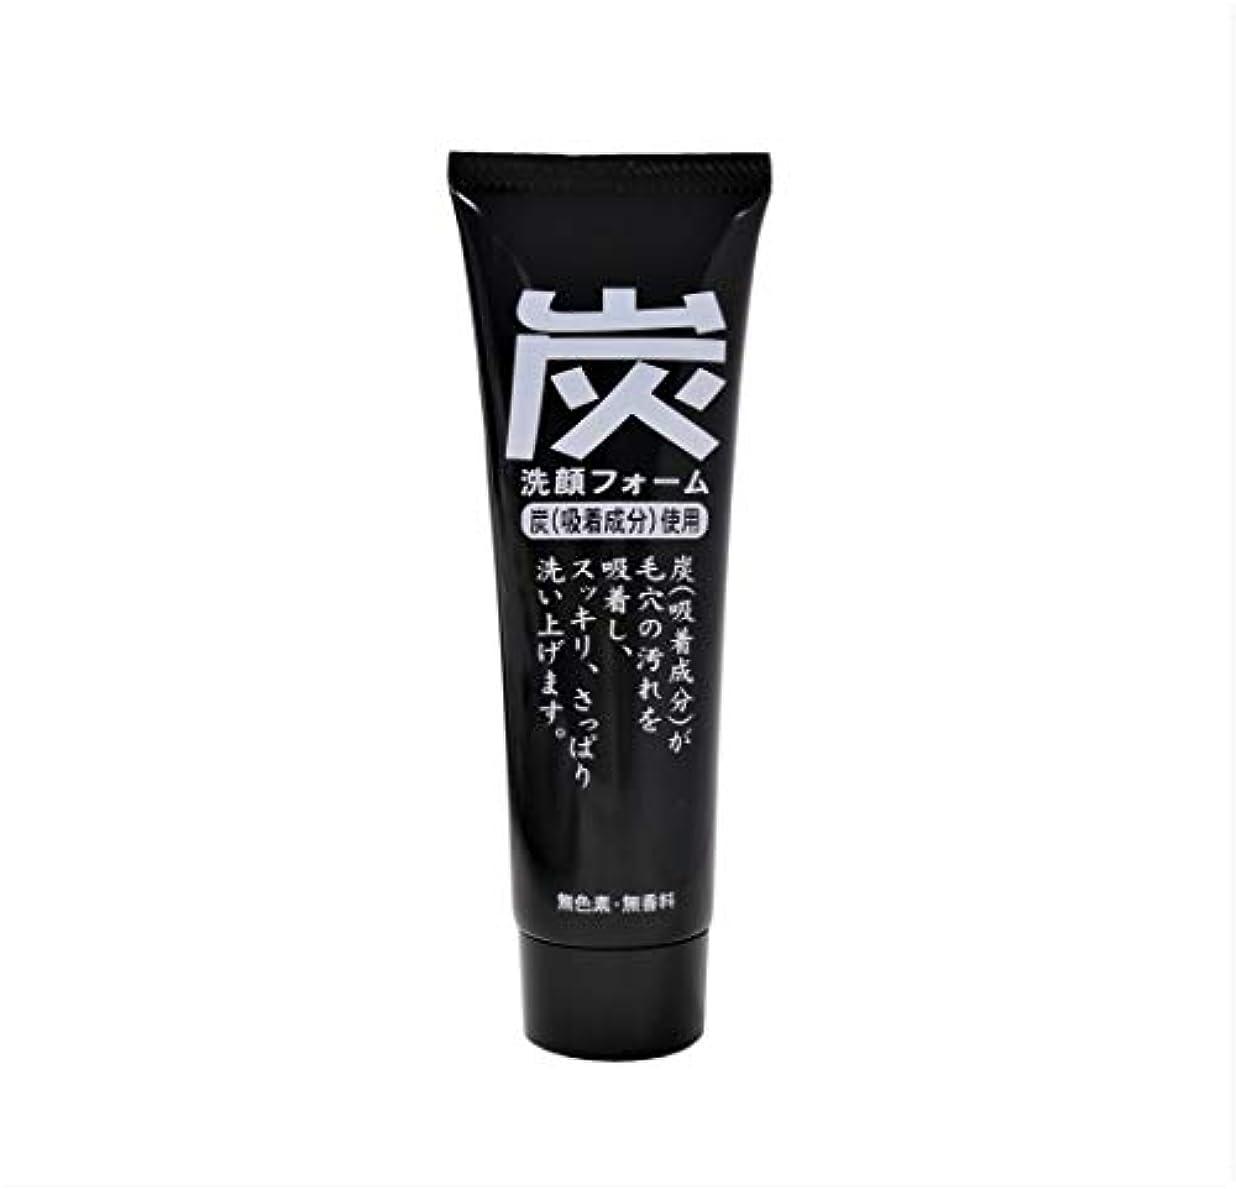 ファイバエコー銛炭洗顔フォーム